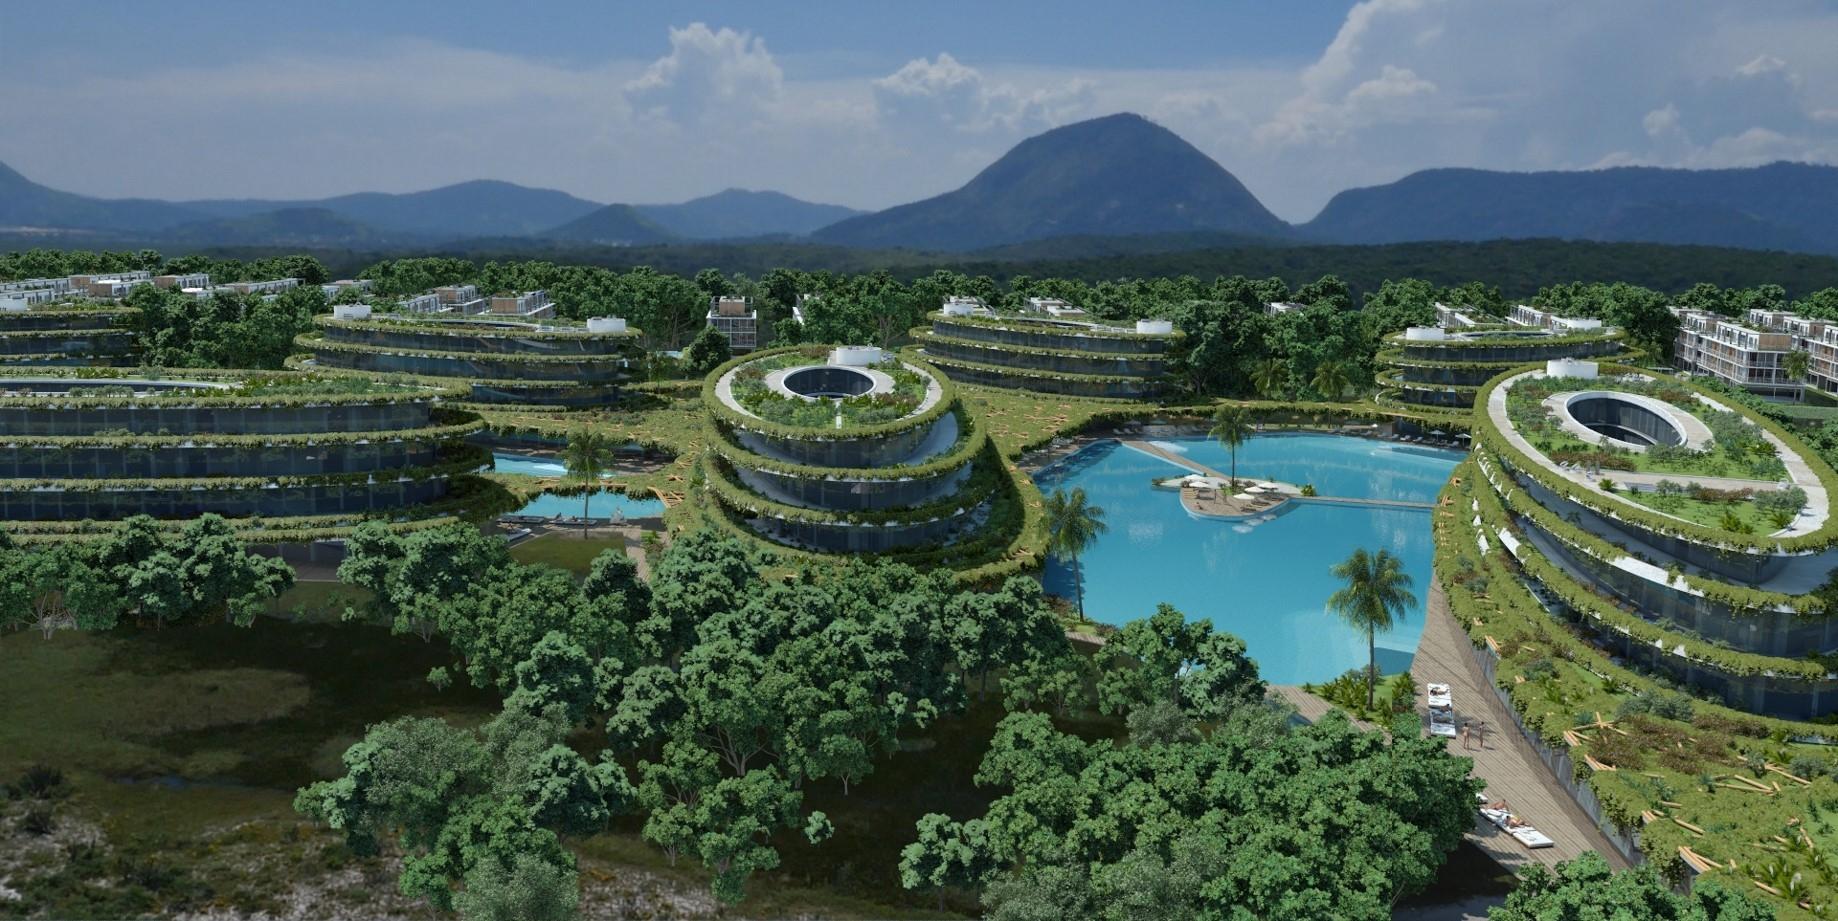 HOSPITALITY - Family Hotel - Rio de Janeiro, Brazil